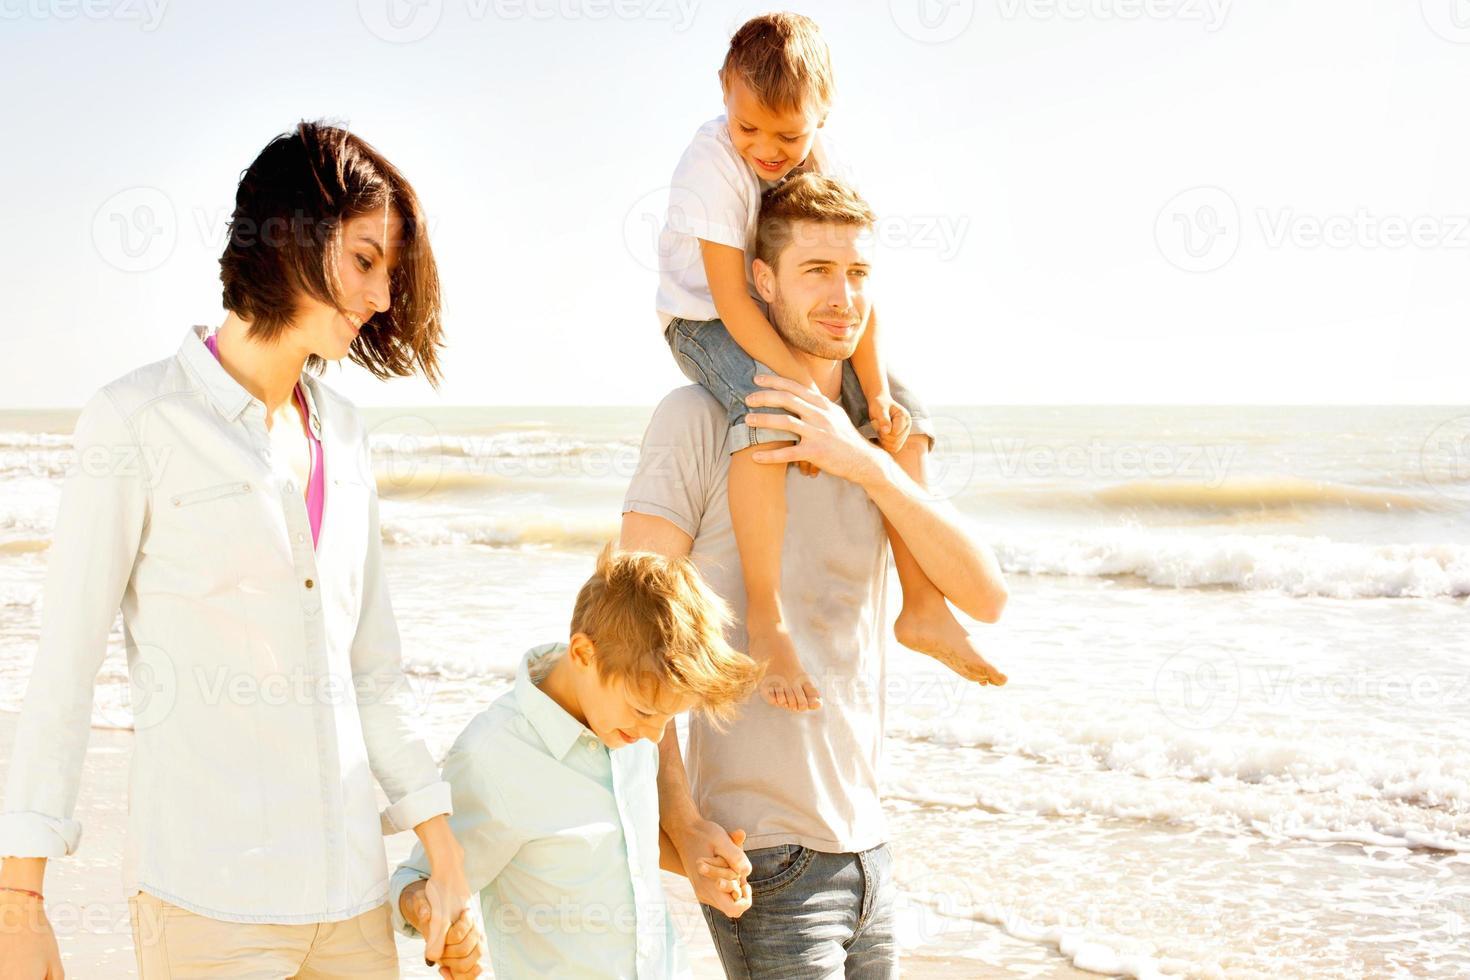 familia disfrutaba caminando en la playa en el mar foto